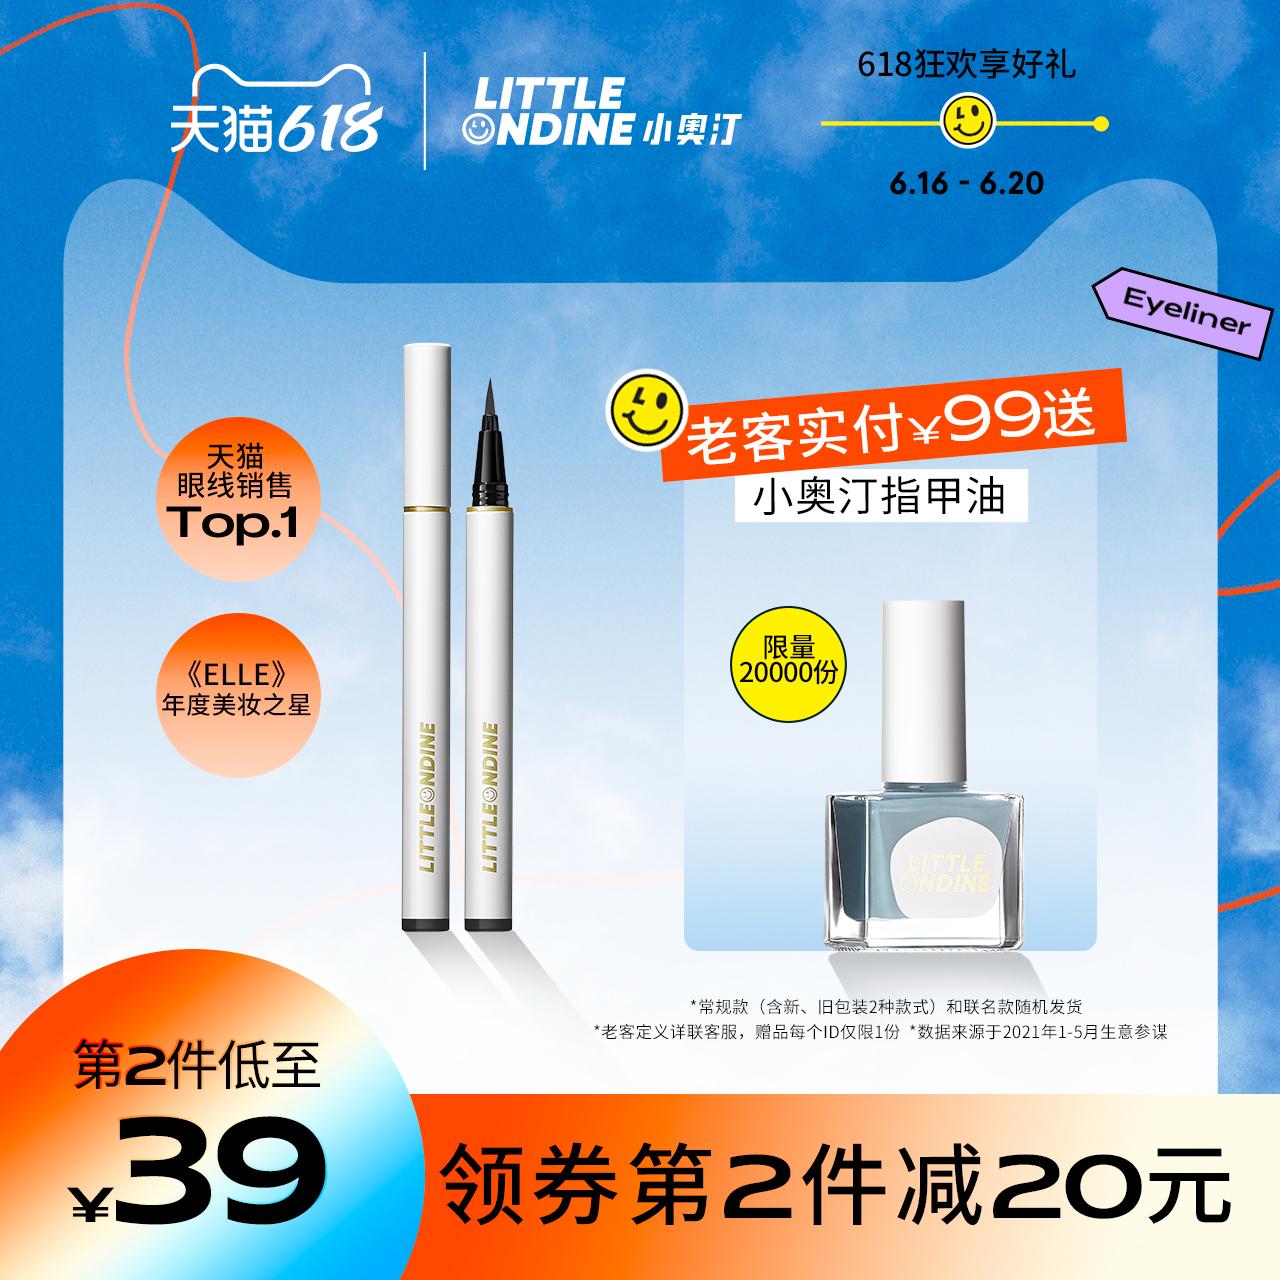 【618抢购】小奥汀眼线液笔 彩色防水不晕染持久极细新手胶笔正品